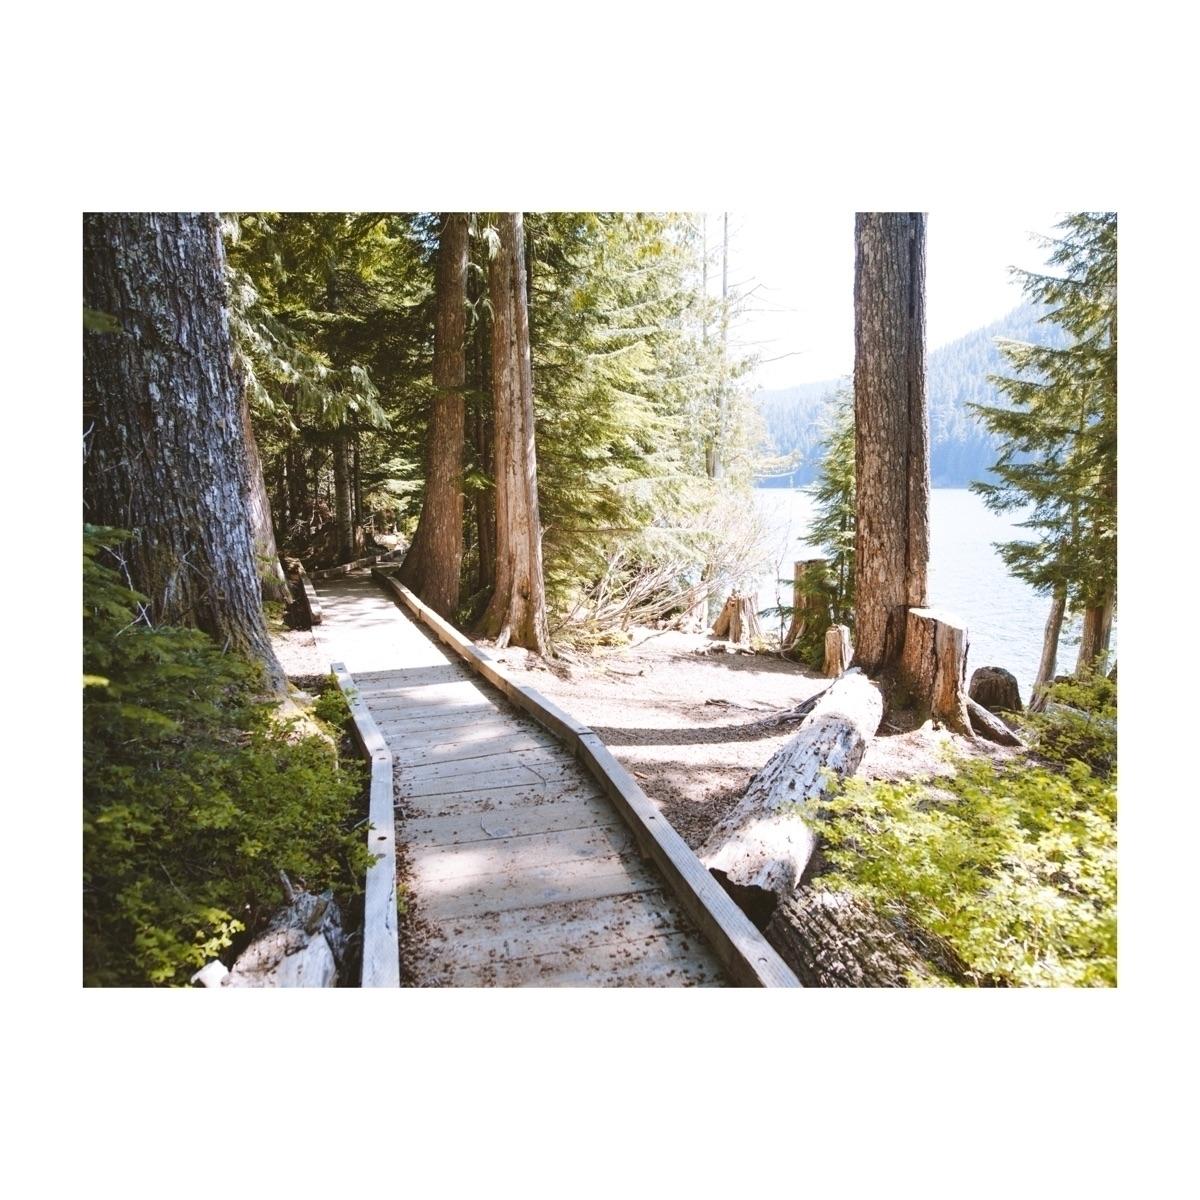 North Cascades week - ivankosovan | ello